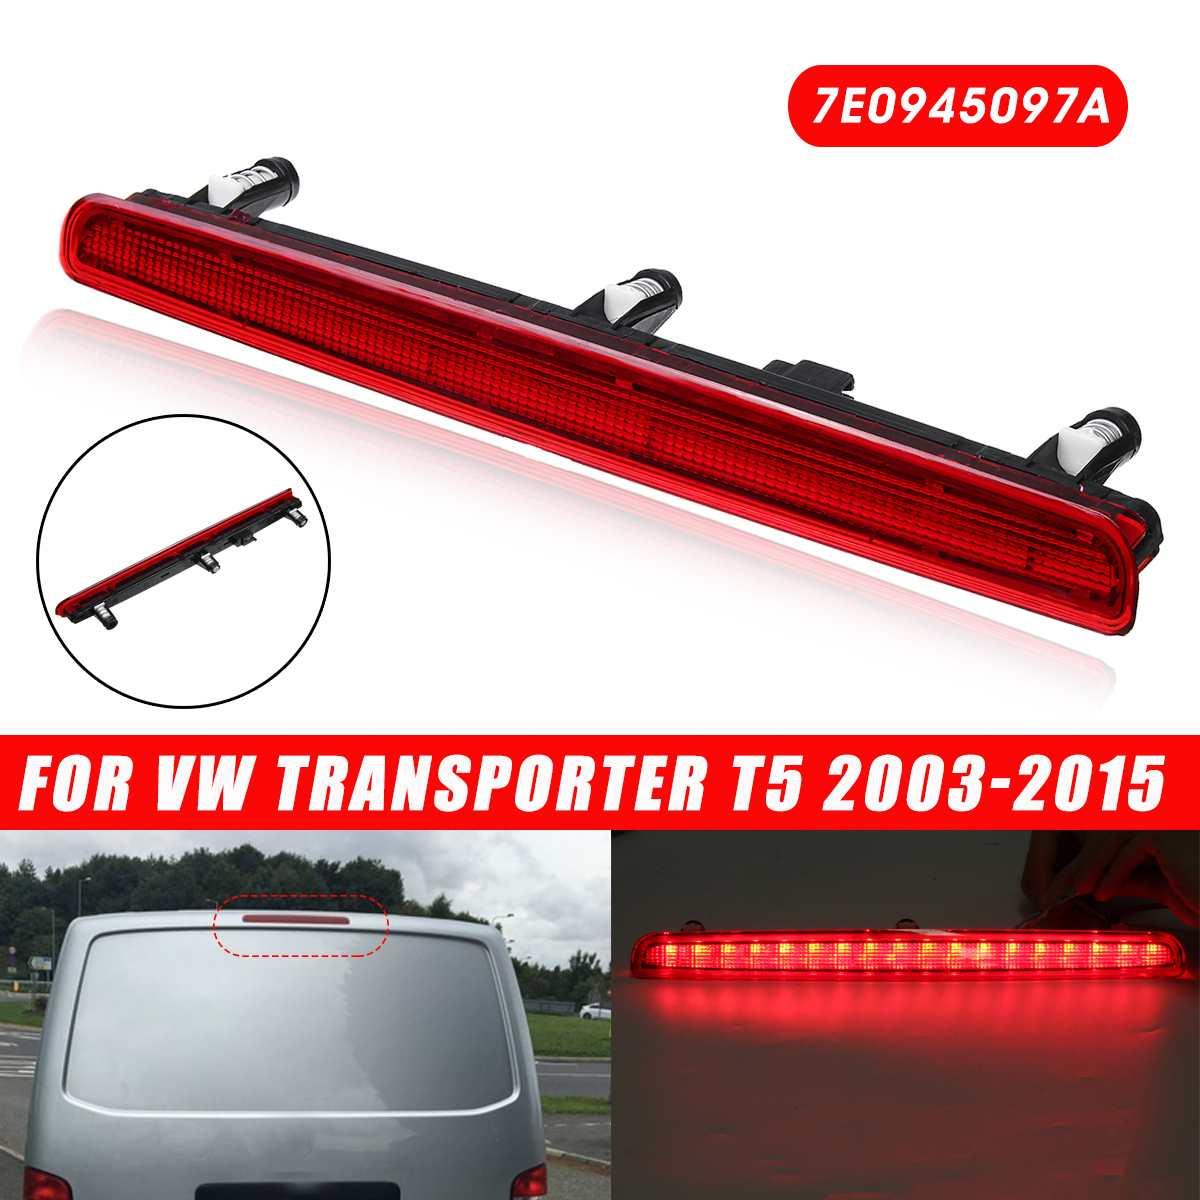 Voiture LED 3rd troisième feu Stop feu arrière rouge 12 V 7E0945097A pour VW Transporter T5 2003-2015